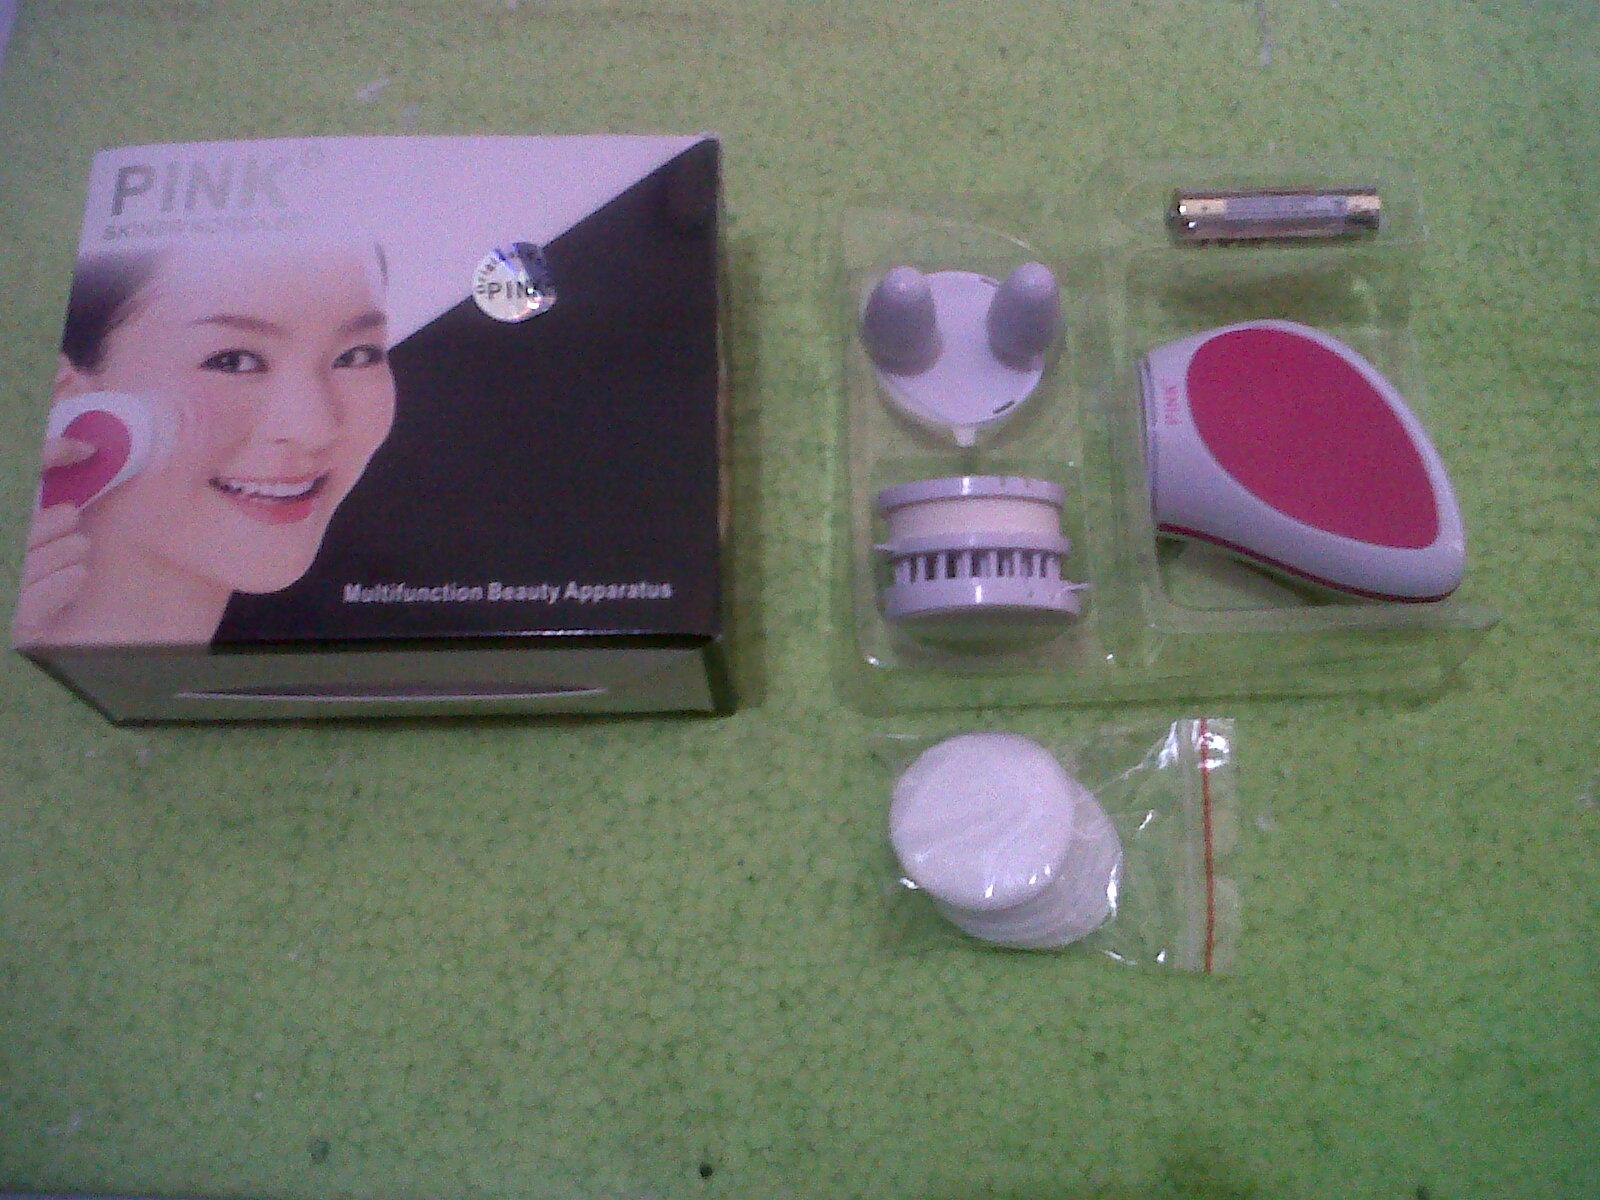 Mawar88shop Cnaier 6 In 1 Face Cleanser Skiner Case Daftar Harga Source · Skinner Beauty Set Korea skiner jaco tv pengangkat kotoran komedo 4098393 198ae7fe